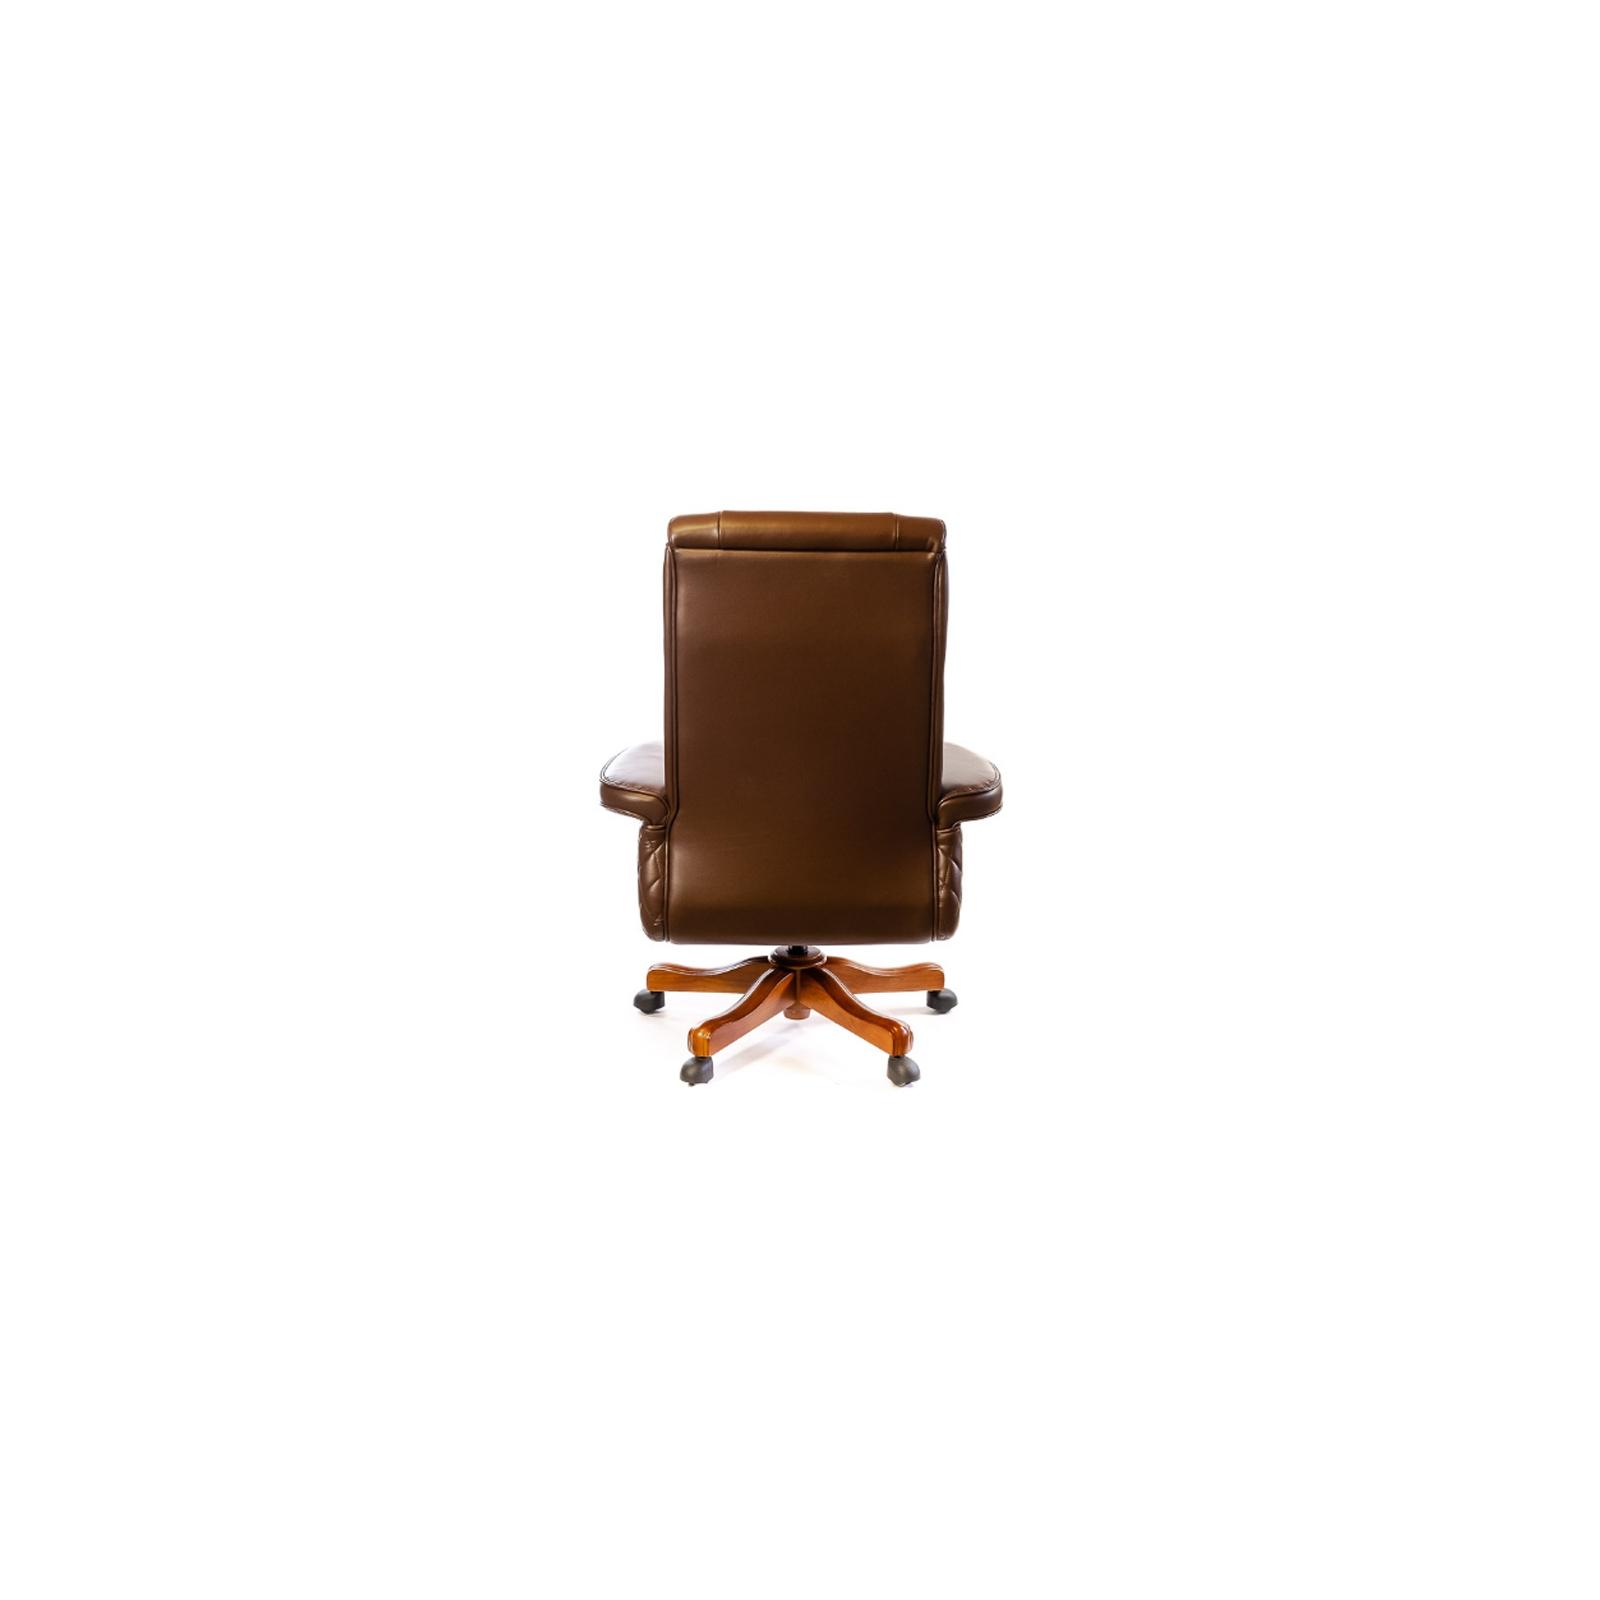 Офисное кресло Аклас Франсуа EX D-Tilt Коричневое (13631) изображение 5